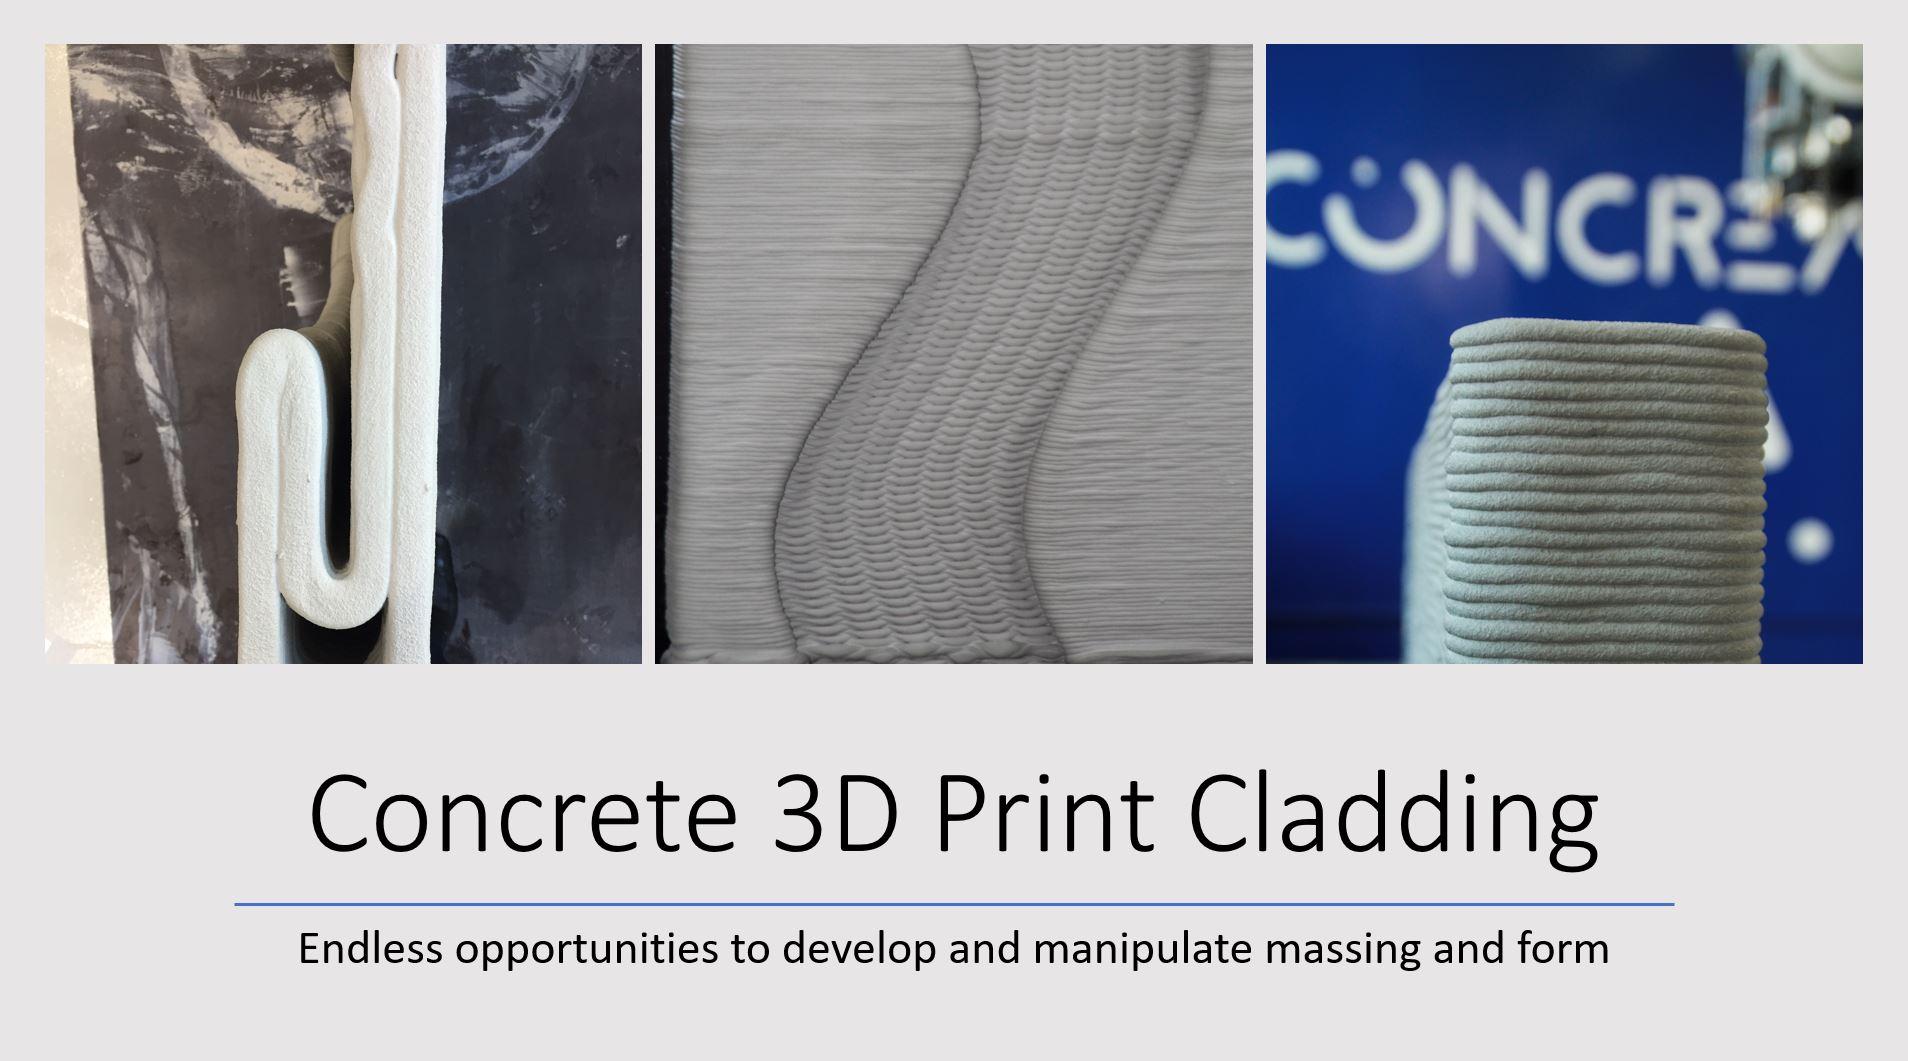 Concrete 3D Print Cladding facade